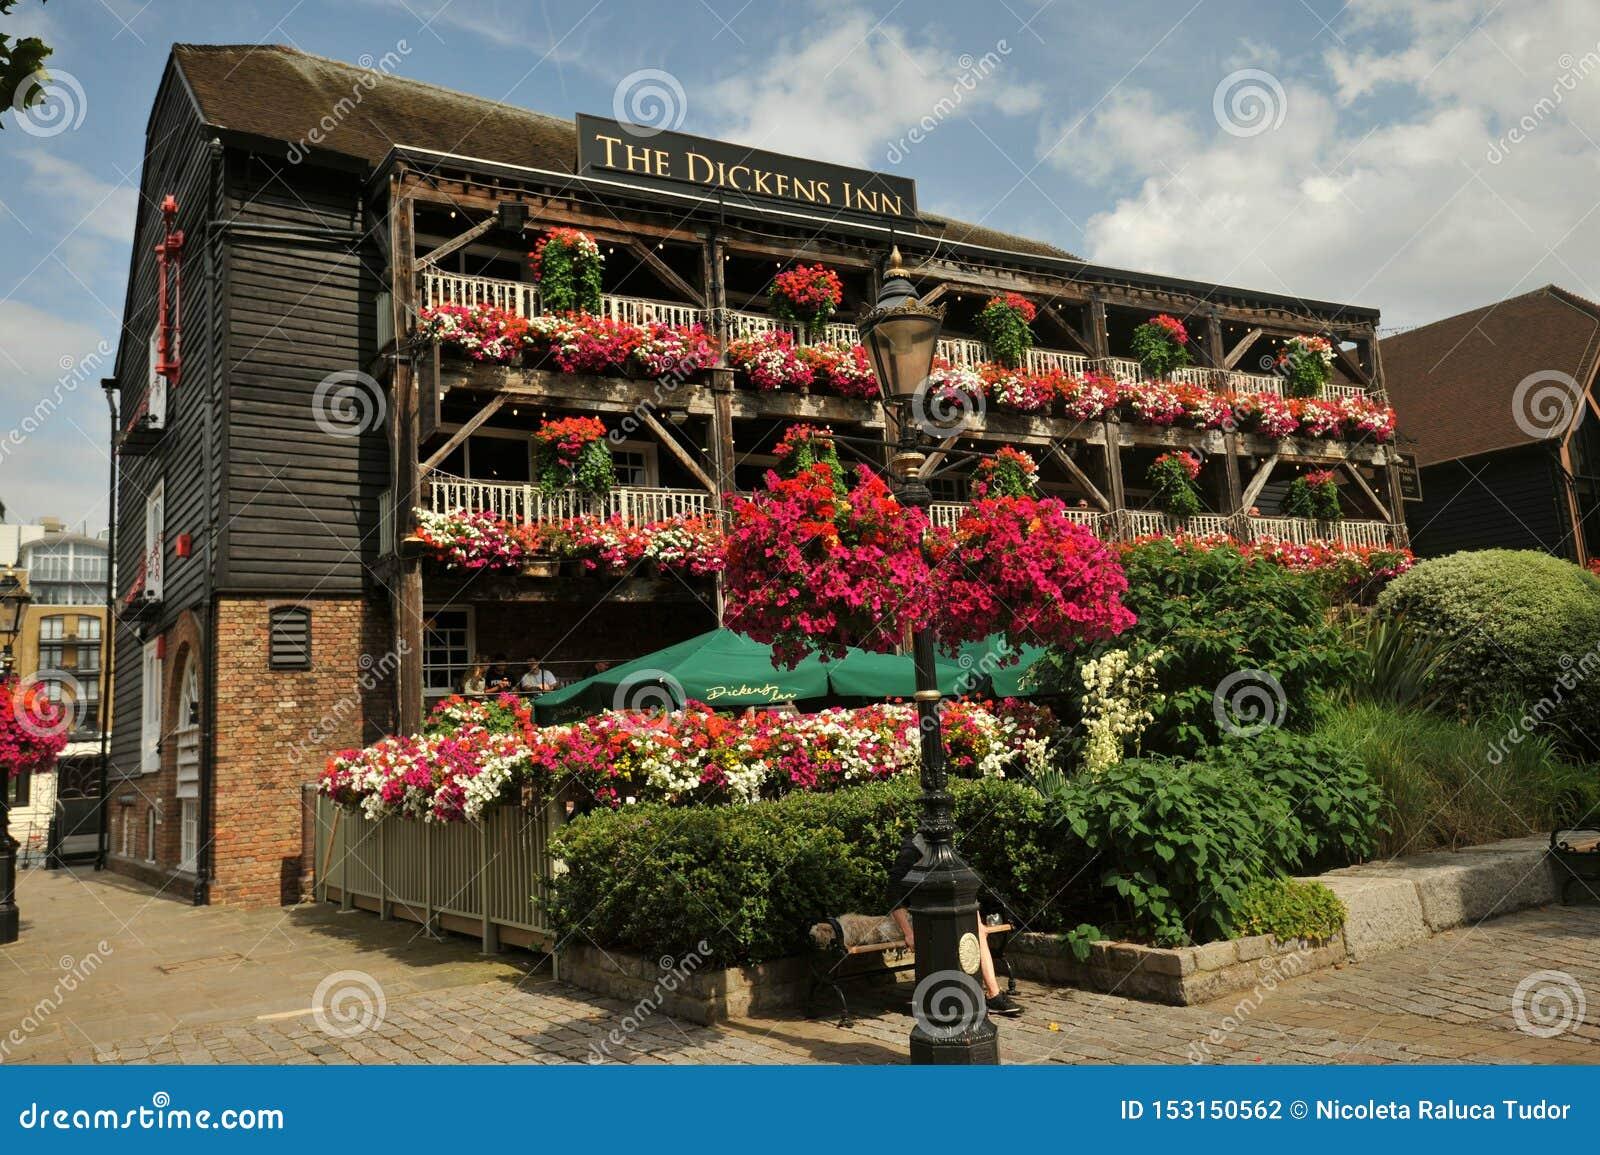 Das Dickens Gasthaus Ist Ein Ursprungliches Lagergebaude Nahe Turm Brucke Tower Von London Redaktionelles Stockfotografie Bild Von Enkel Jahrhundert 153150562